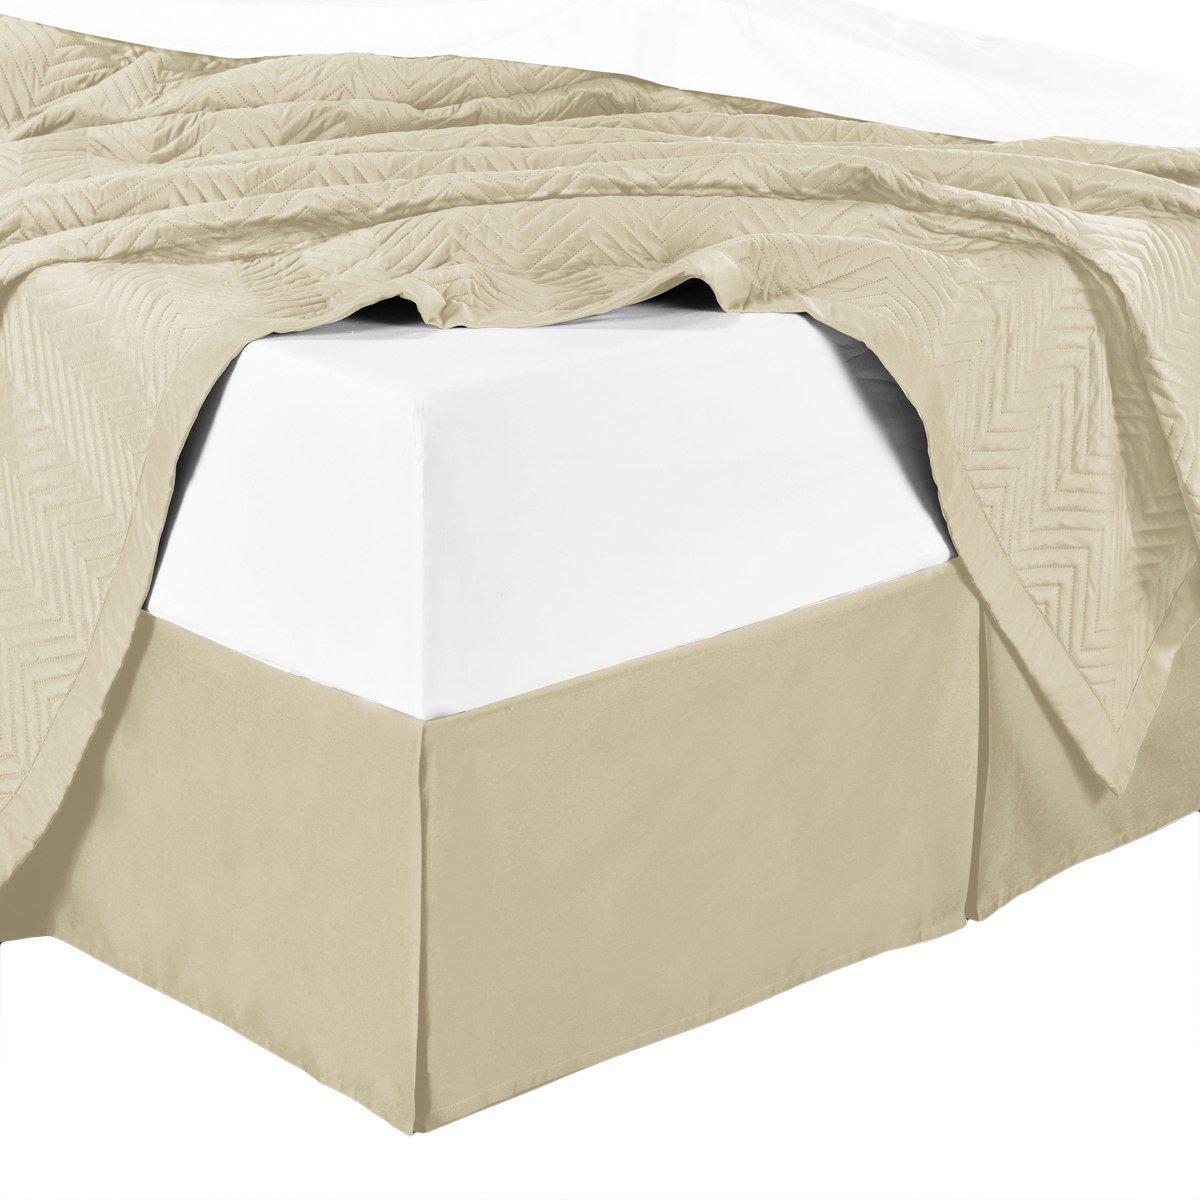 wrinkle-free Kingサイズプリーツ仕立て14インチdrop- 95 gsm、100 %マイクロファイバーベッドスカート。 フル ベージュ B075WC7QLG ベージュ フル